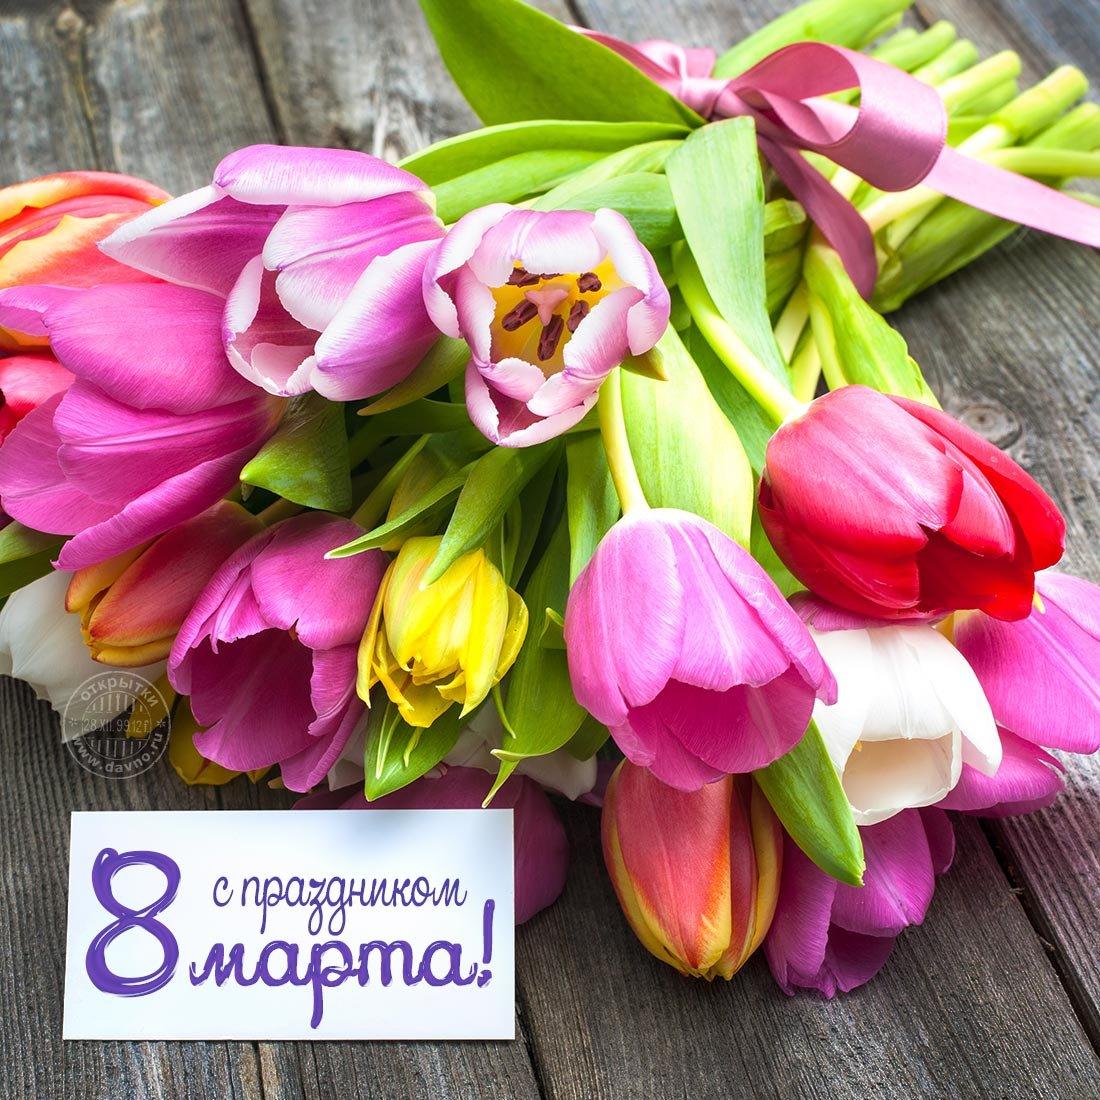 Женского счастья тебе пожелаю, Чтобы купаться смогла в нем всю жизнь. Уйму подарков, цветов, комплиментов, При том и 9-го марта — на бис.